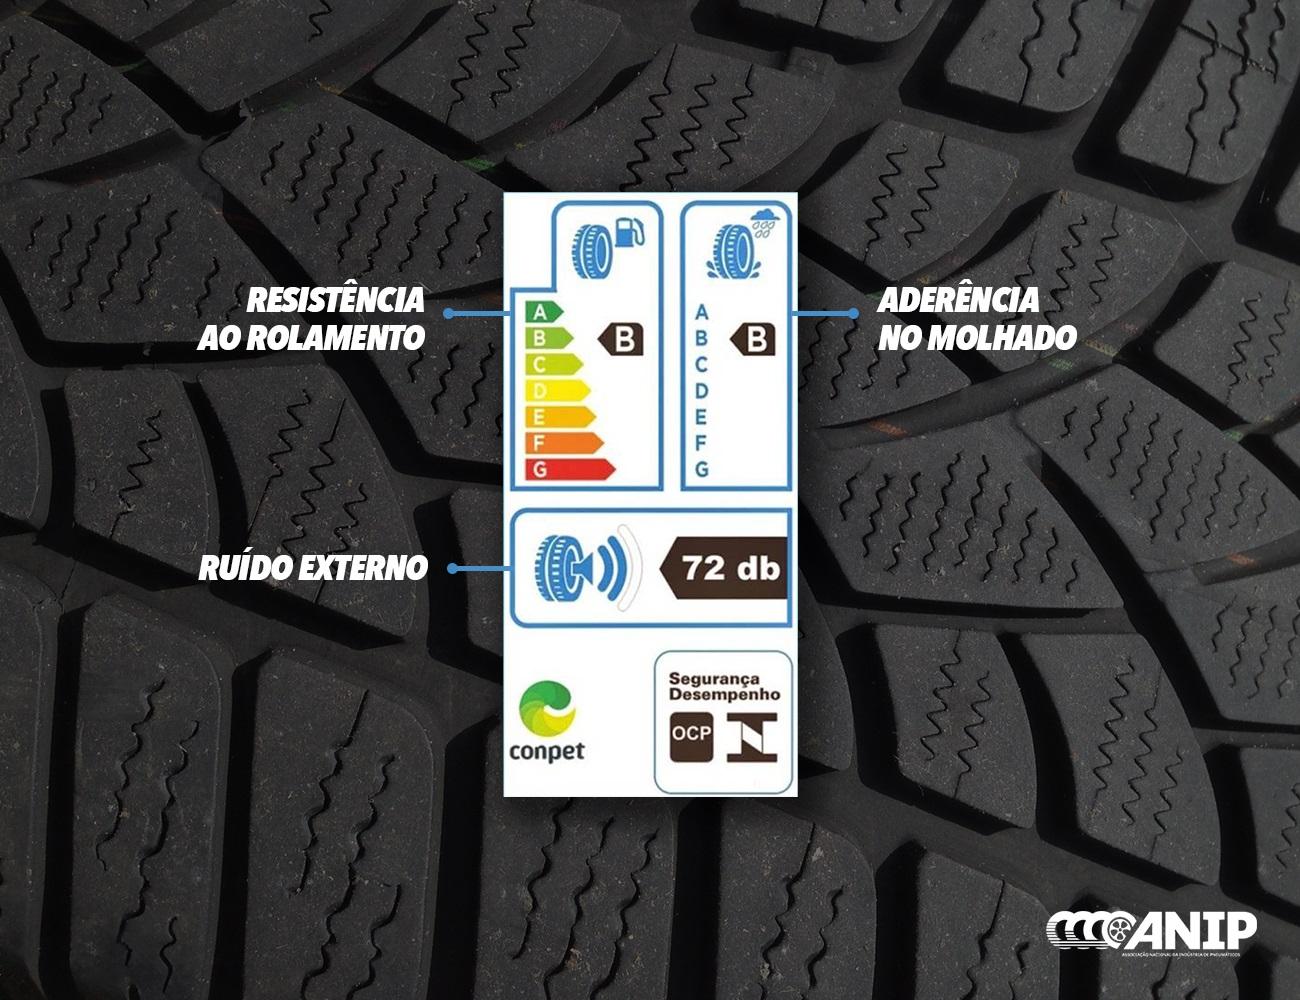 Etiqueta de desempenho do pneu passa a valer a partir do final de outubro